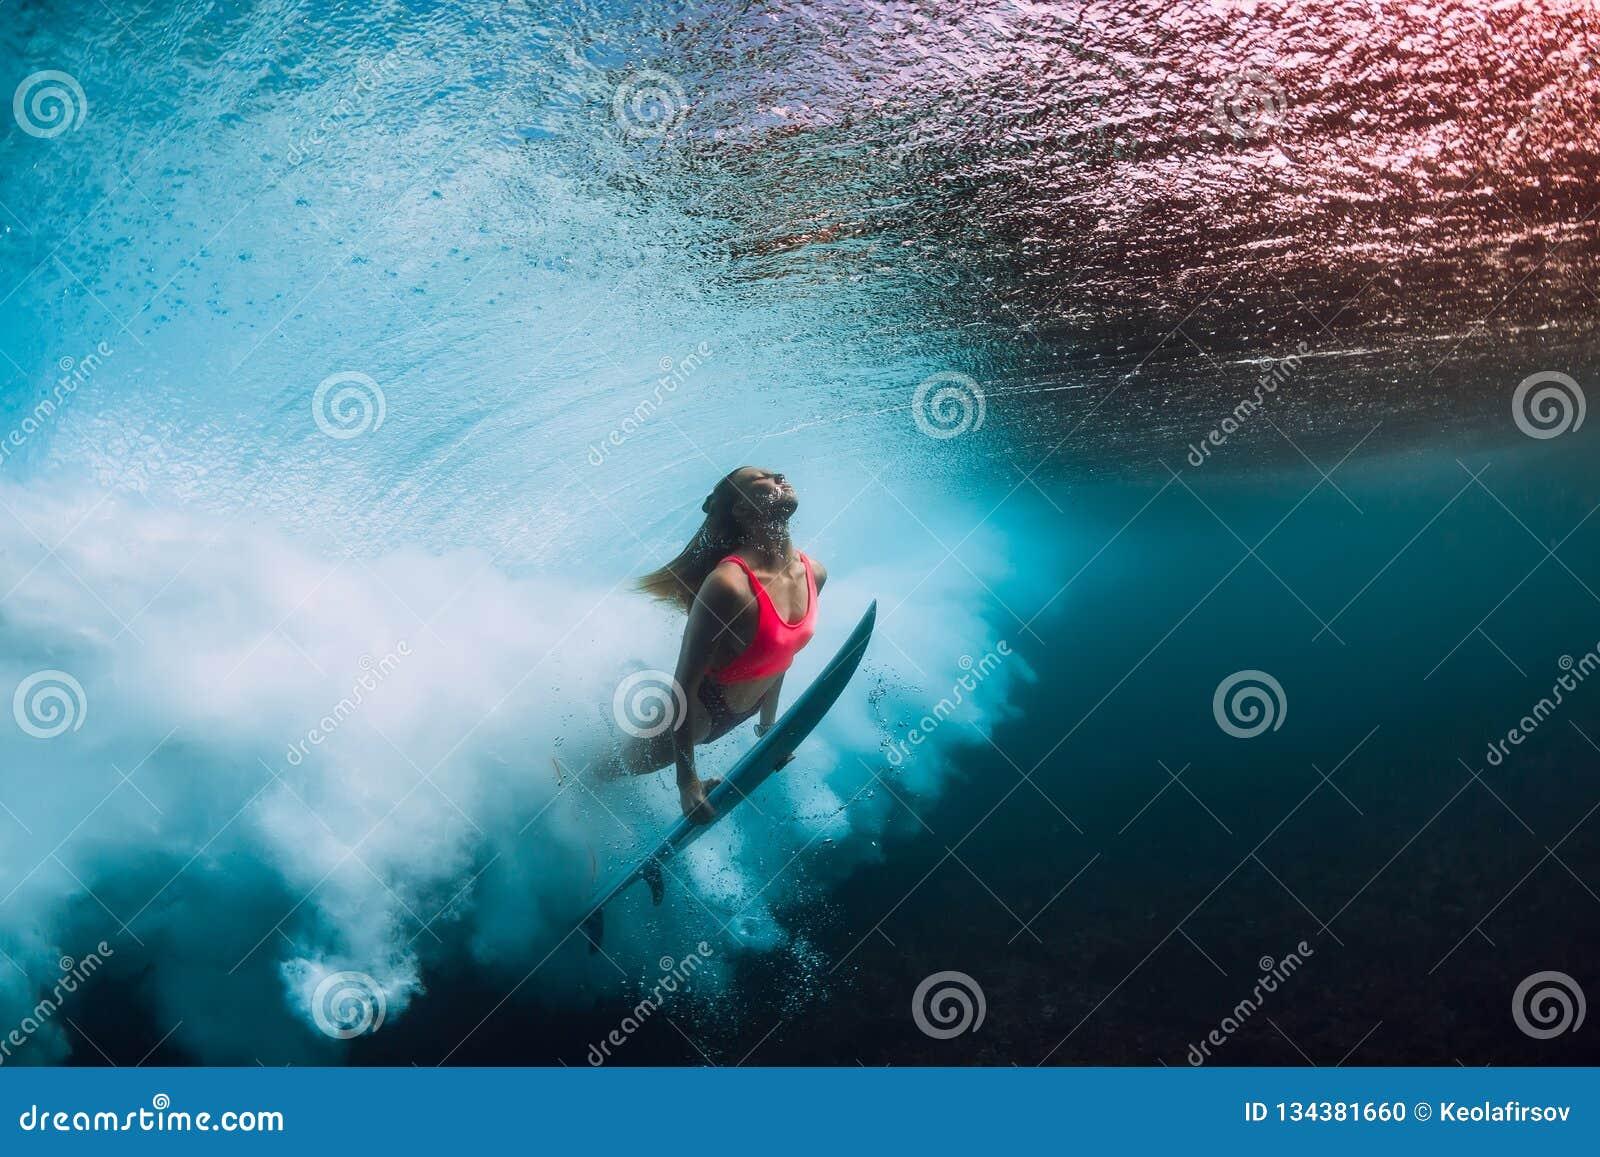 Sportliches Surferfrauentauchen Unterwasser mit Unterfasswelle